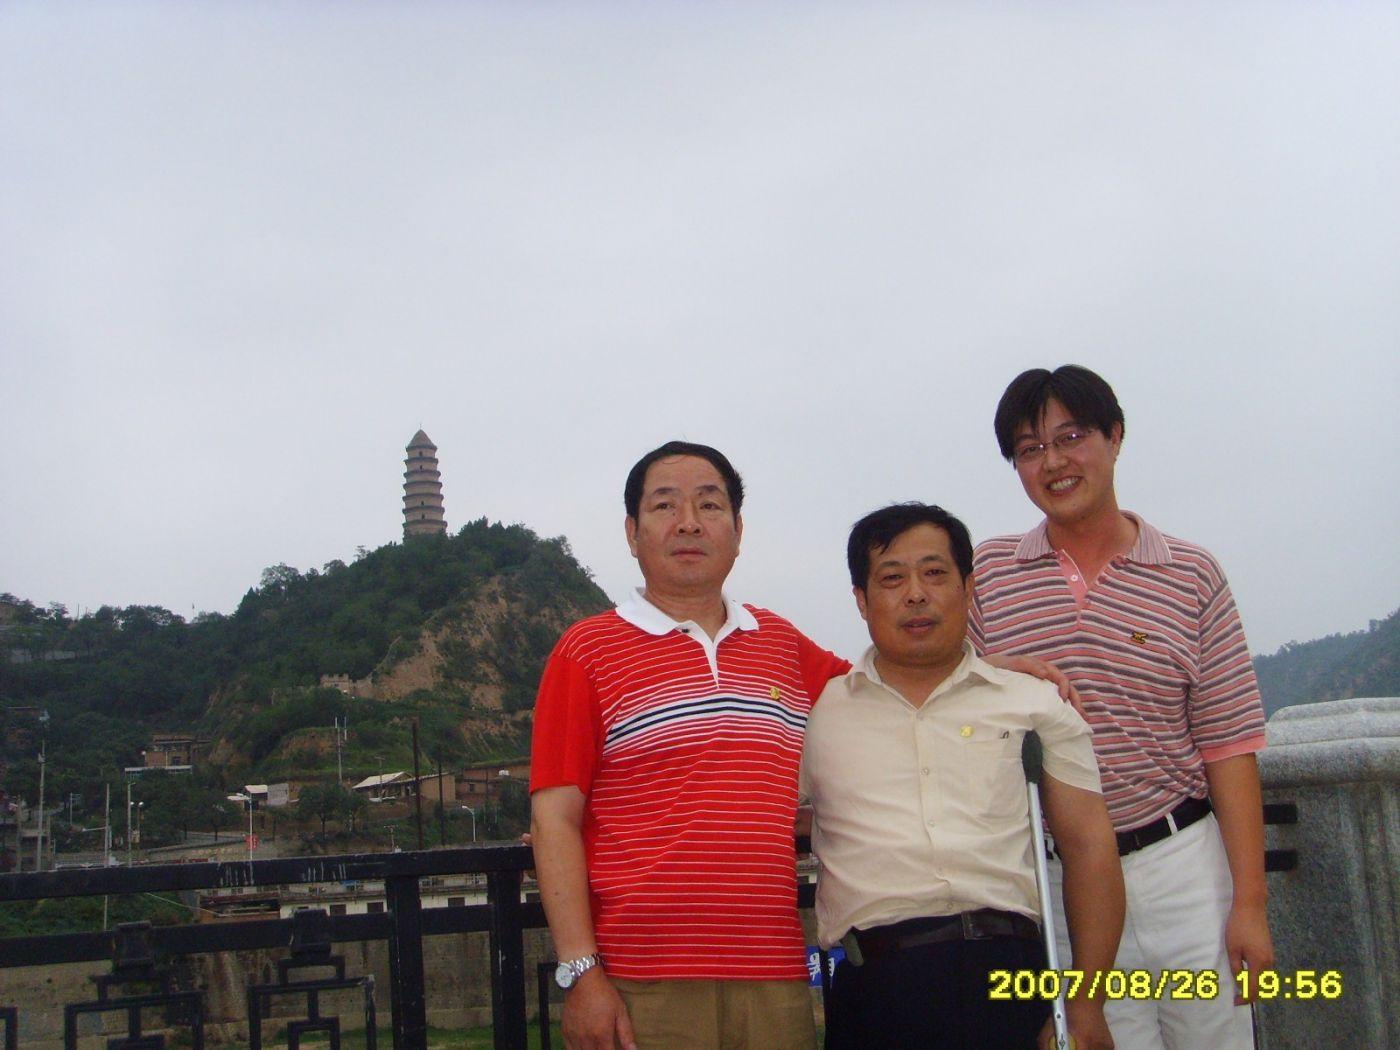 在陕西的记忆_图1-20